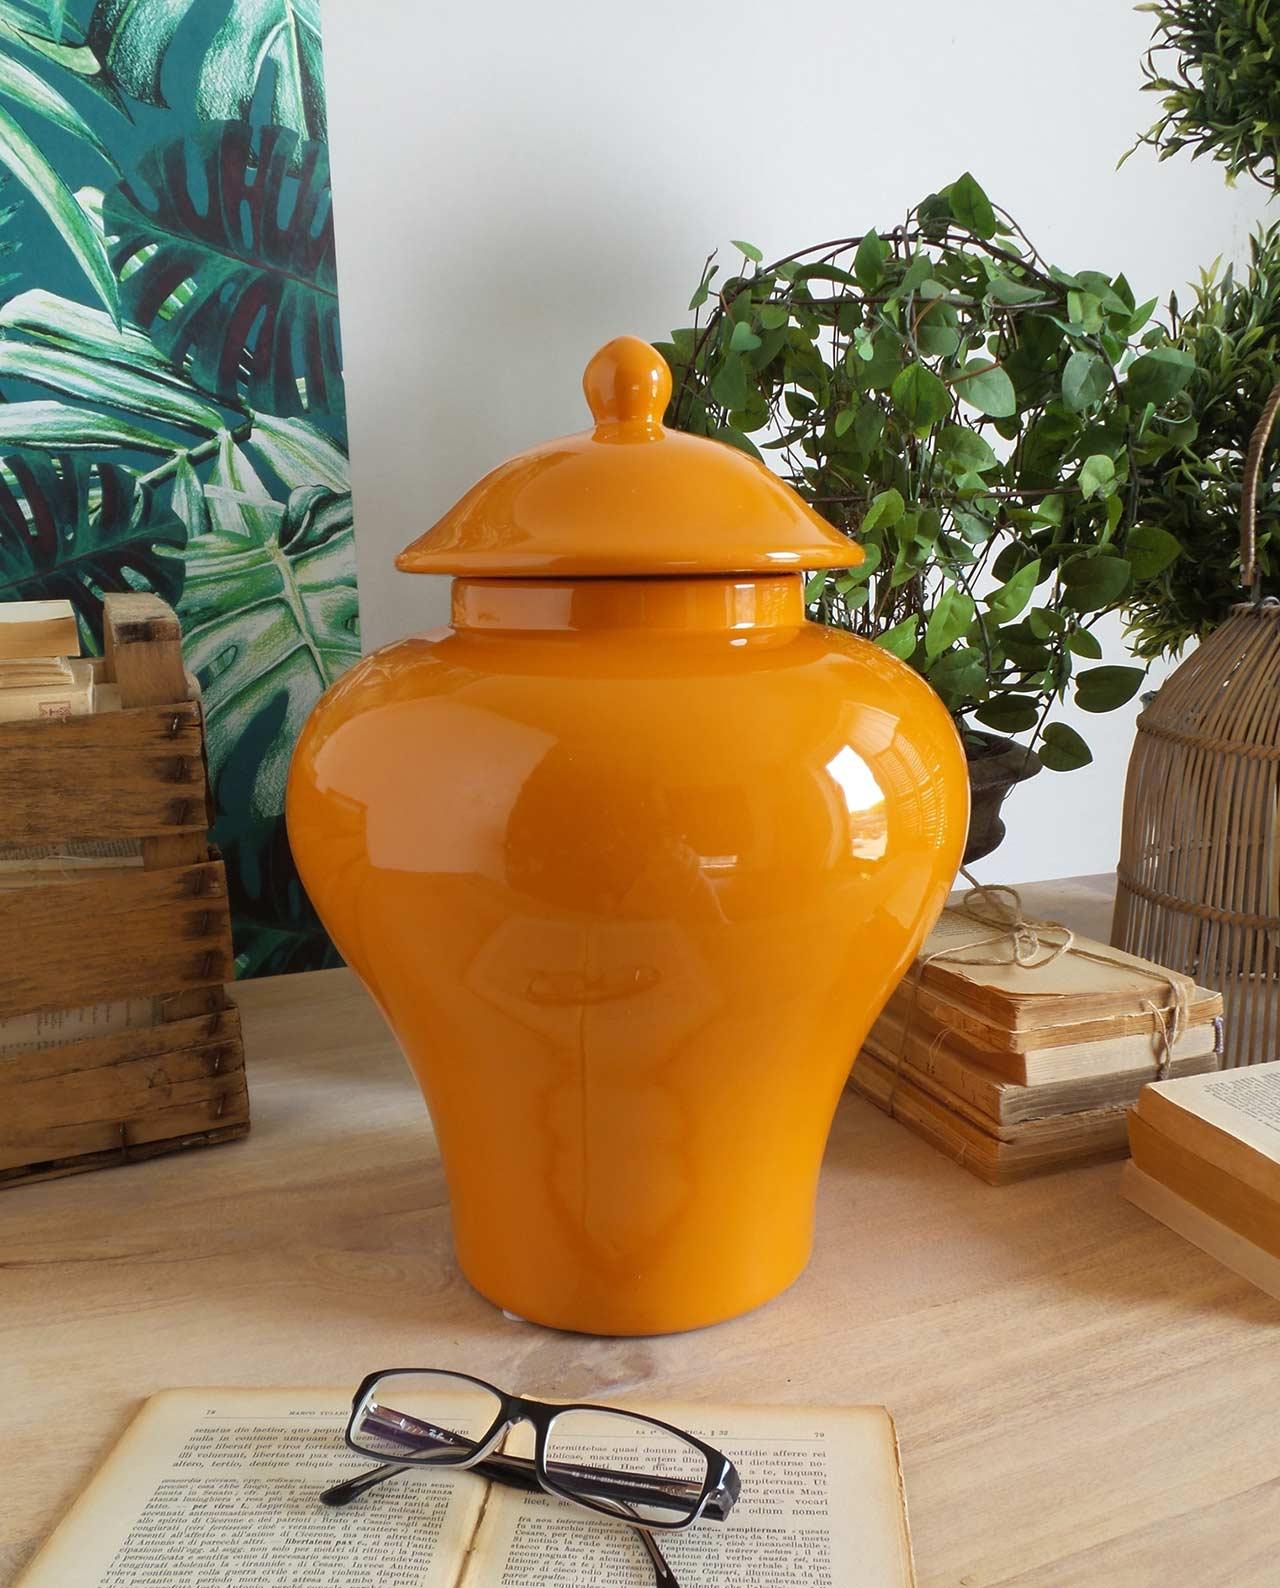 Vaso potiche luxury con coperchio in ceramica arancione - Mobilia ... 896b0fa3e94